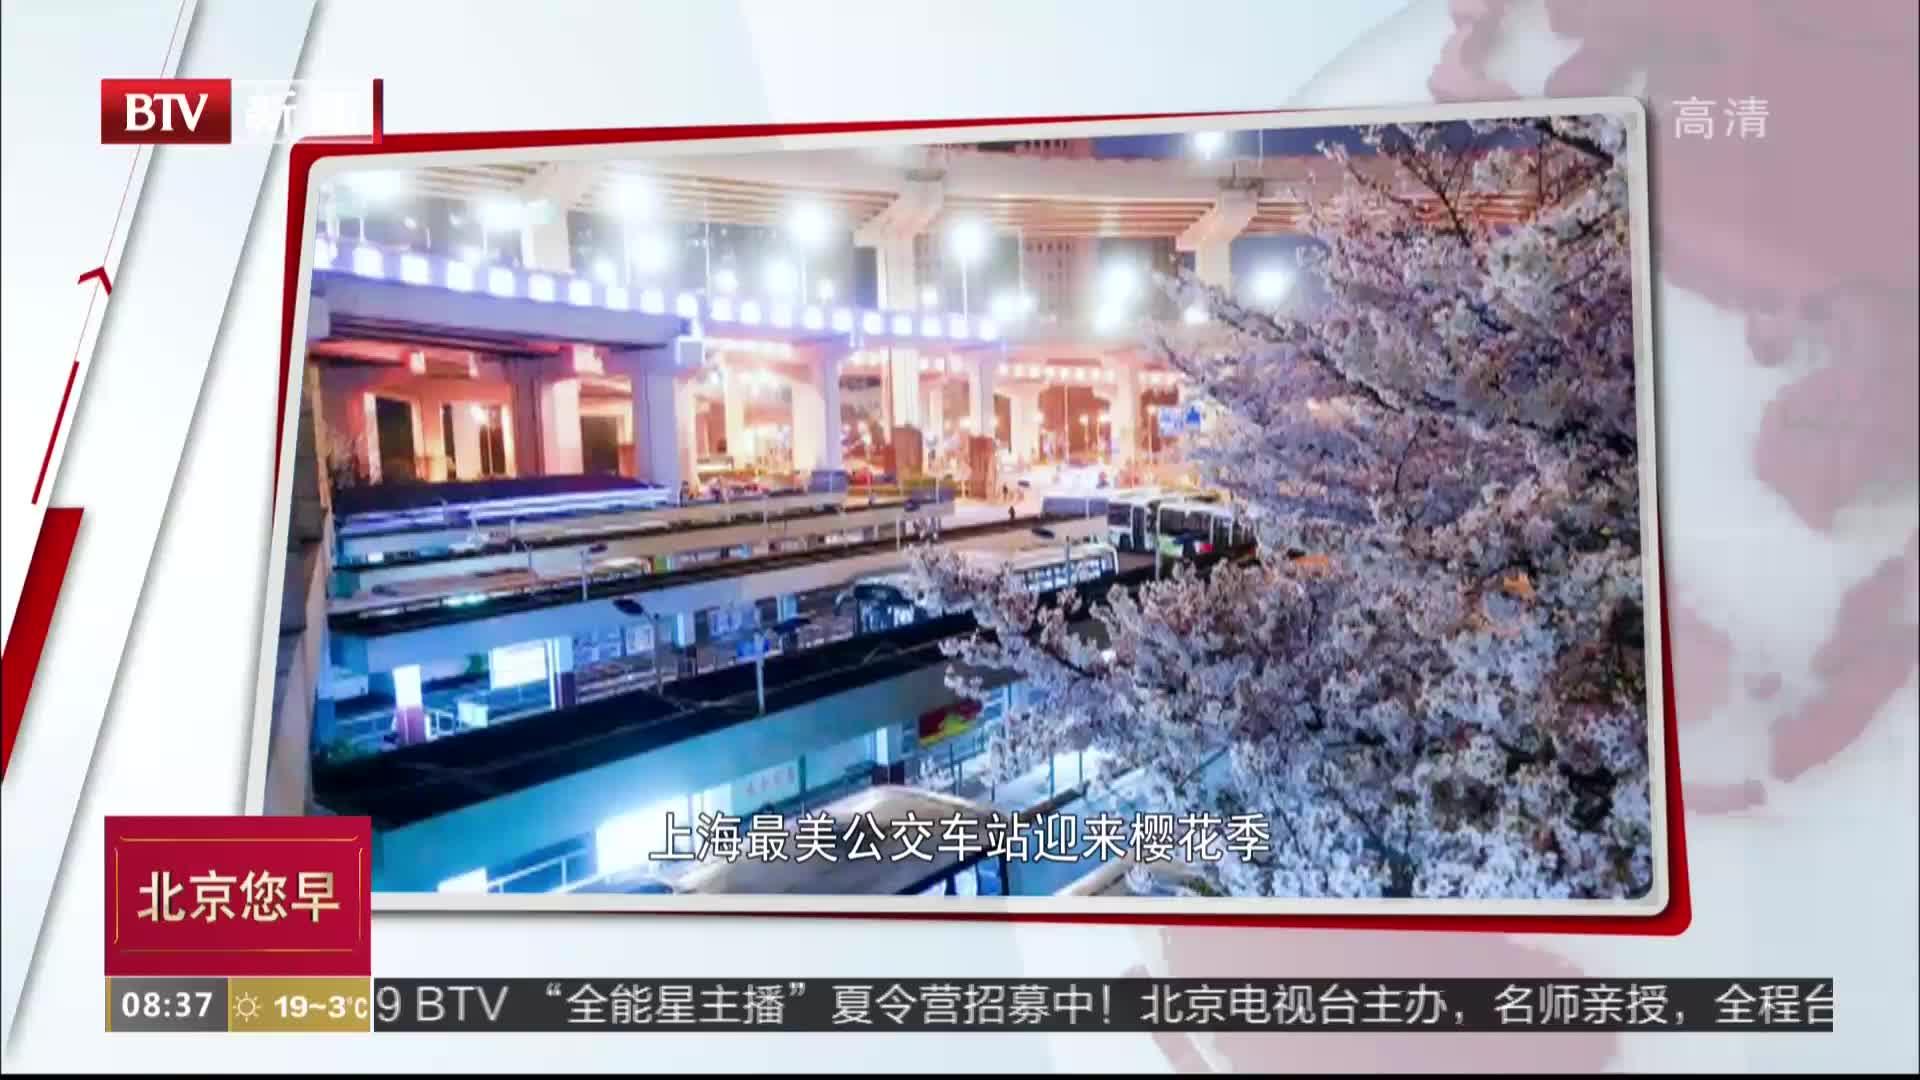 [视频]上海最美公交车站迎来樱花季 缤纷夜景成打卡圣地